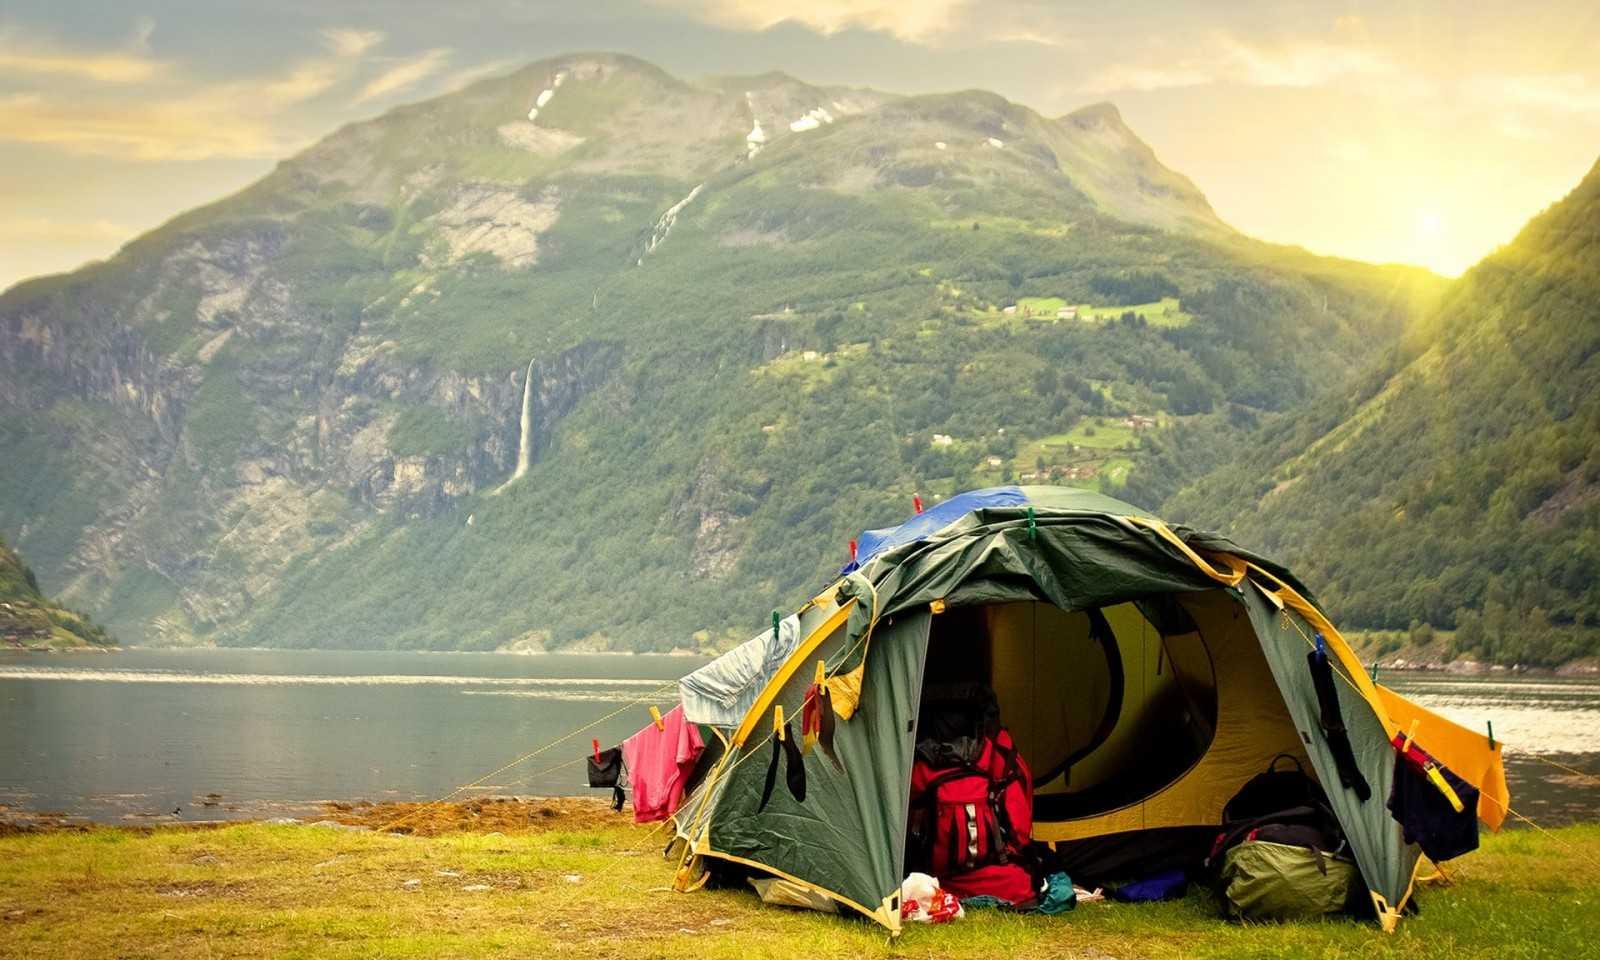 Kamp Yapmak İçin 5 Sebep